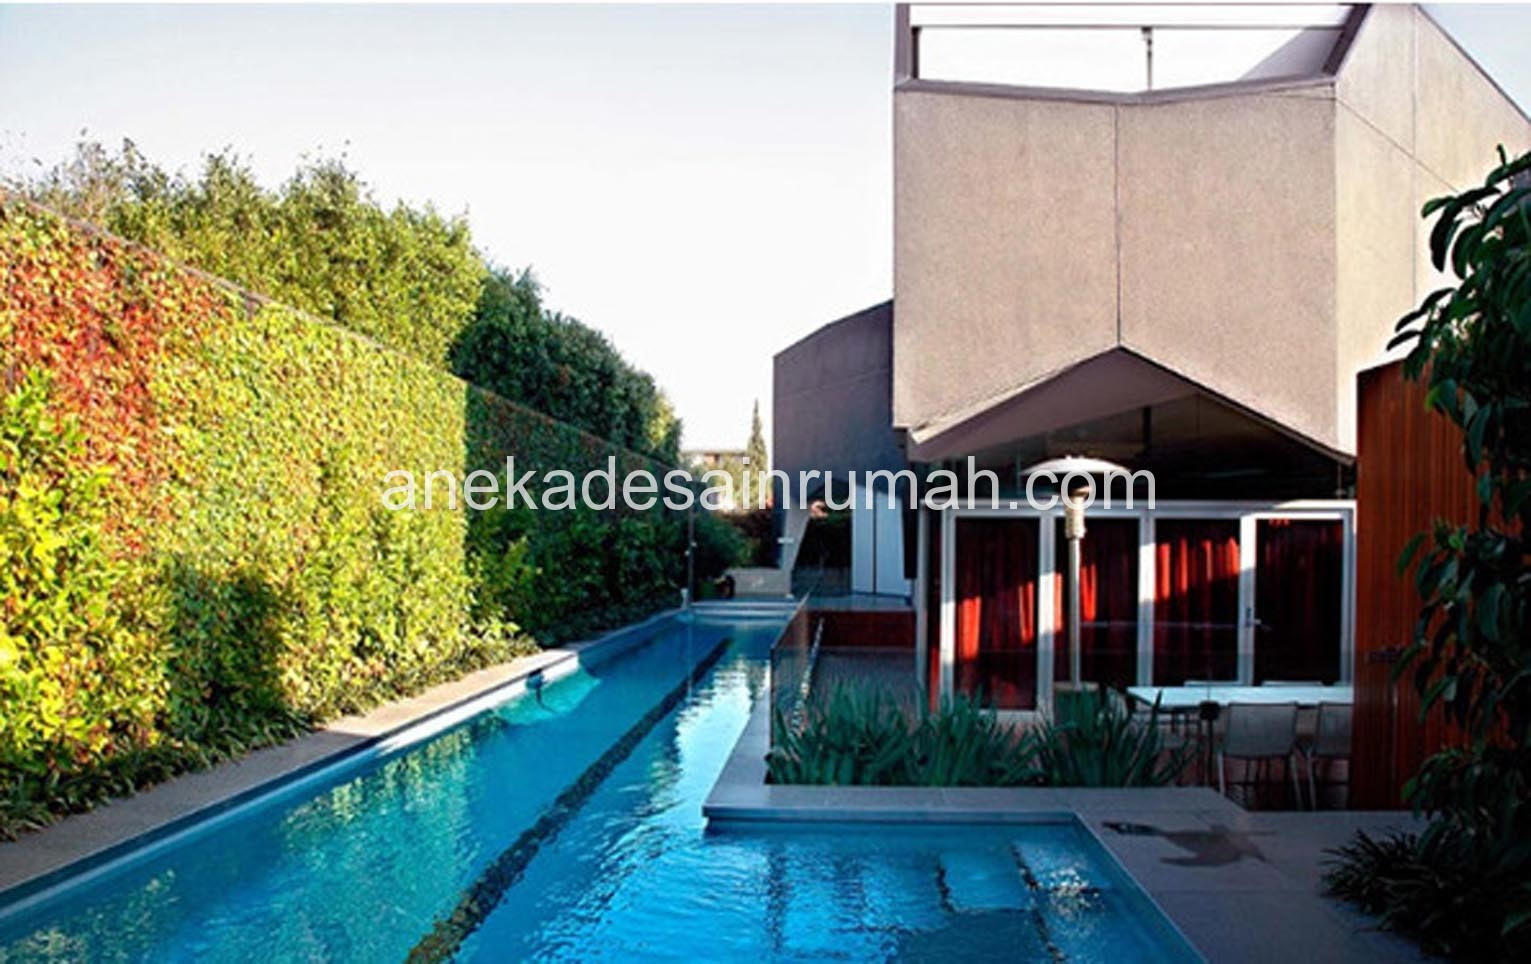 104 Denah Rumah Minimalis Dengan Kolam Renang Gambar Desain Rumah